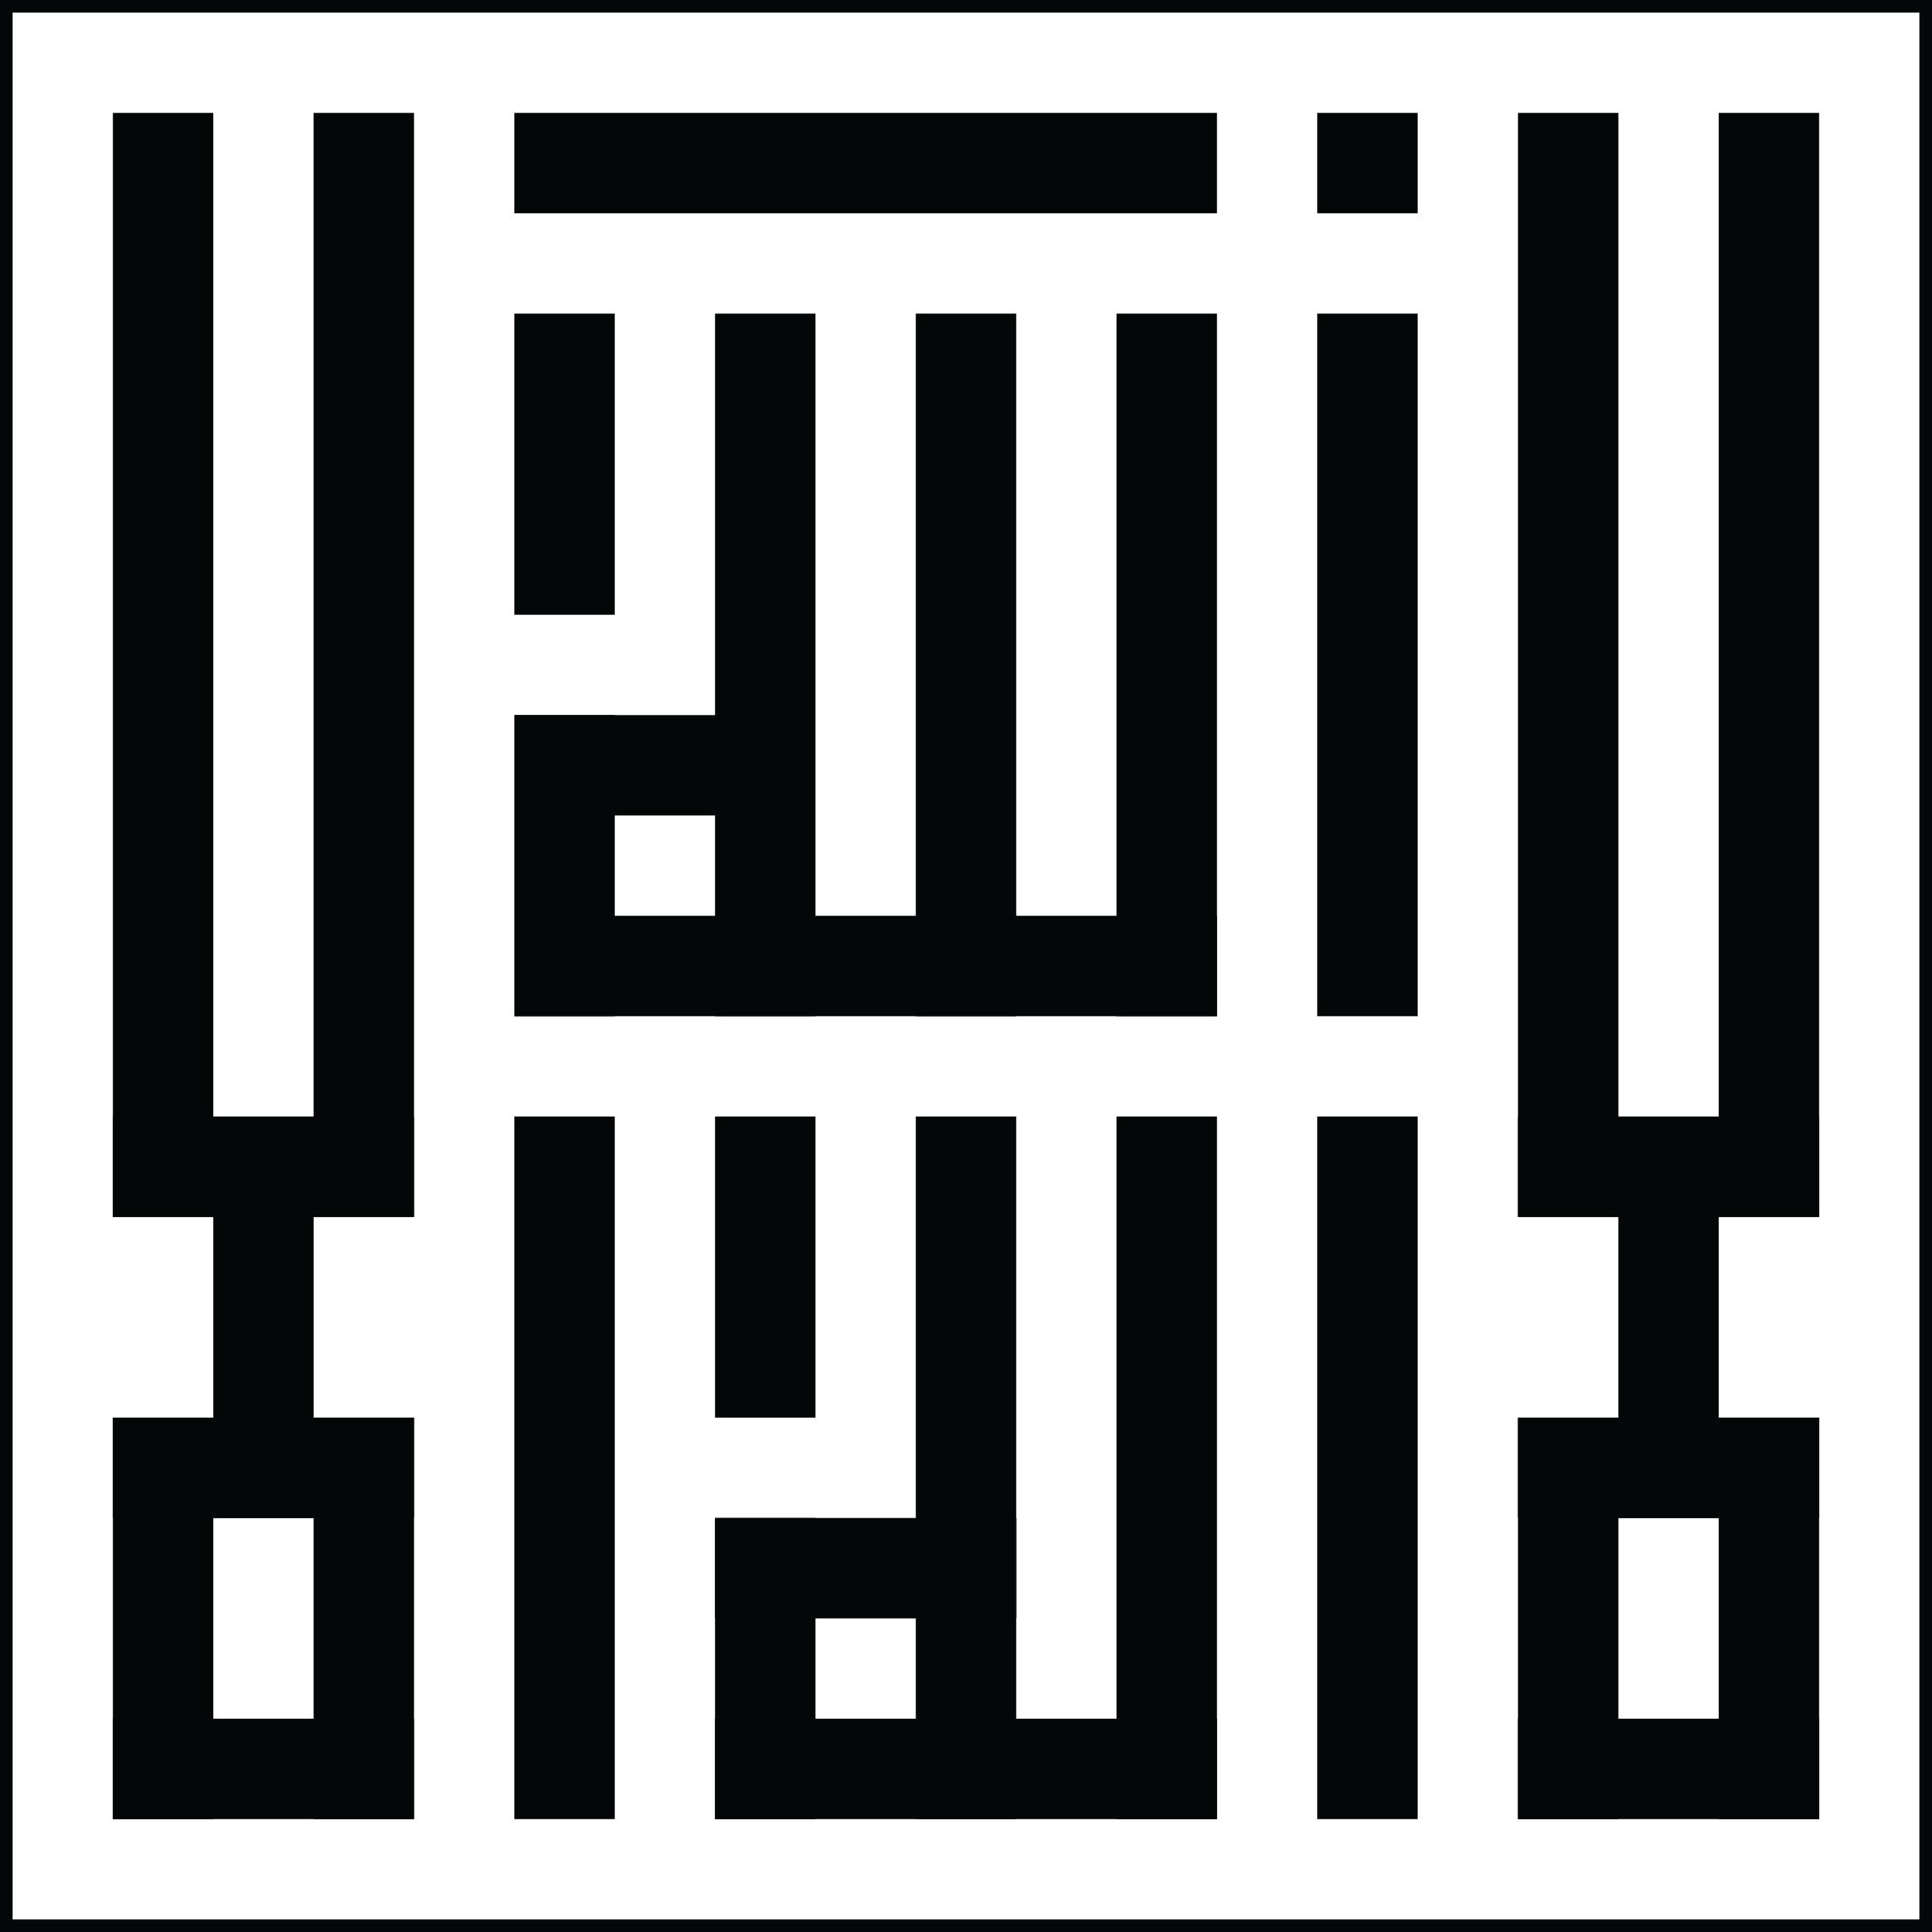 تحميل خط محمد